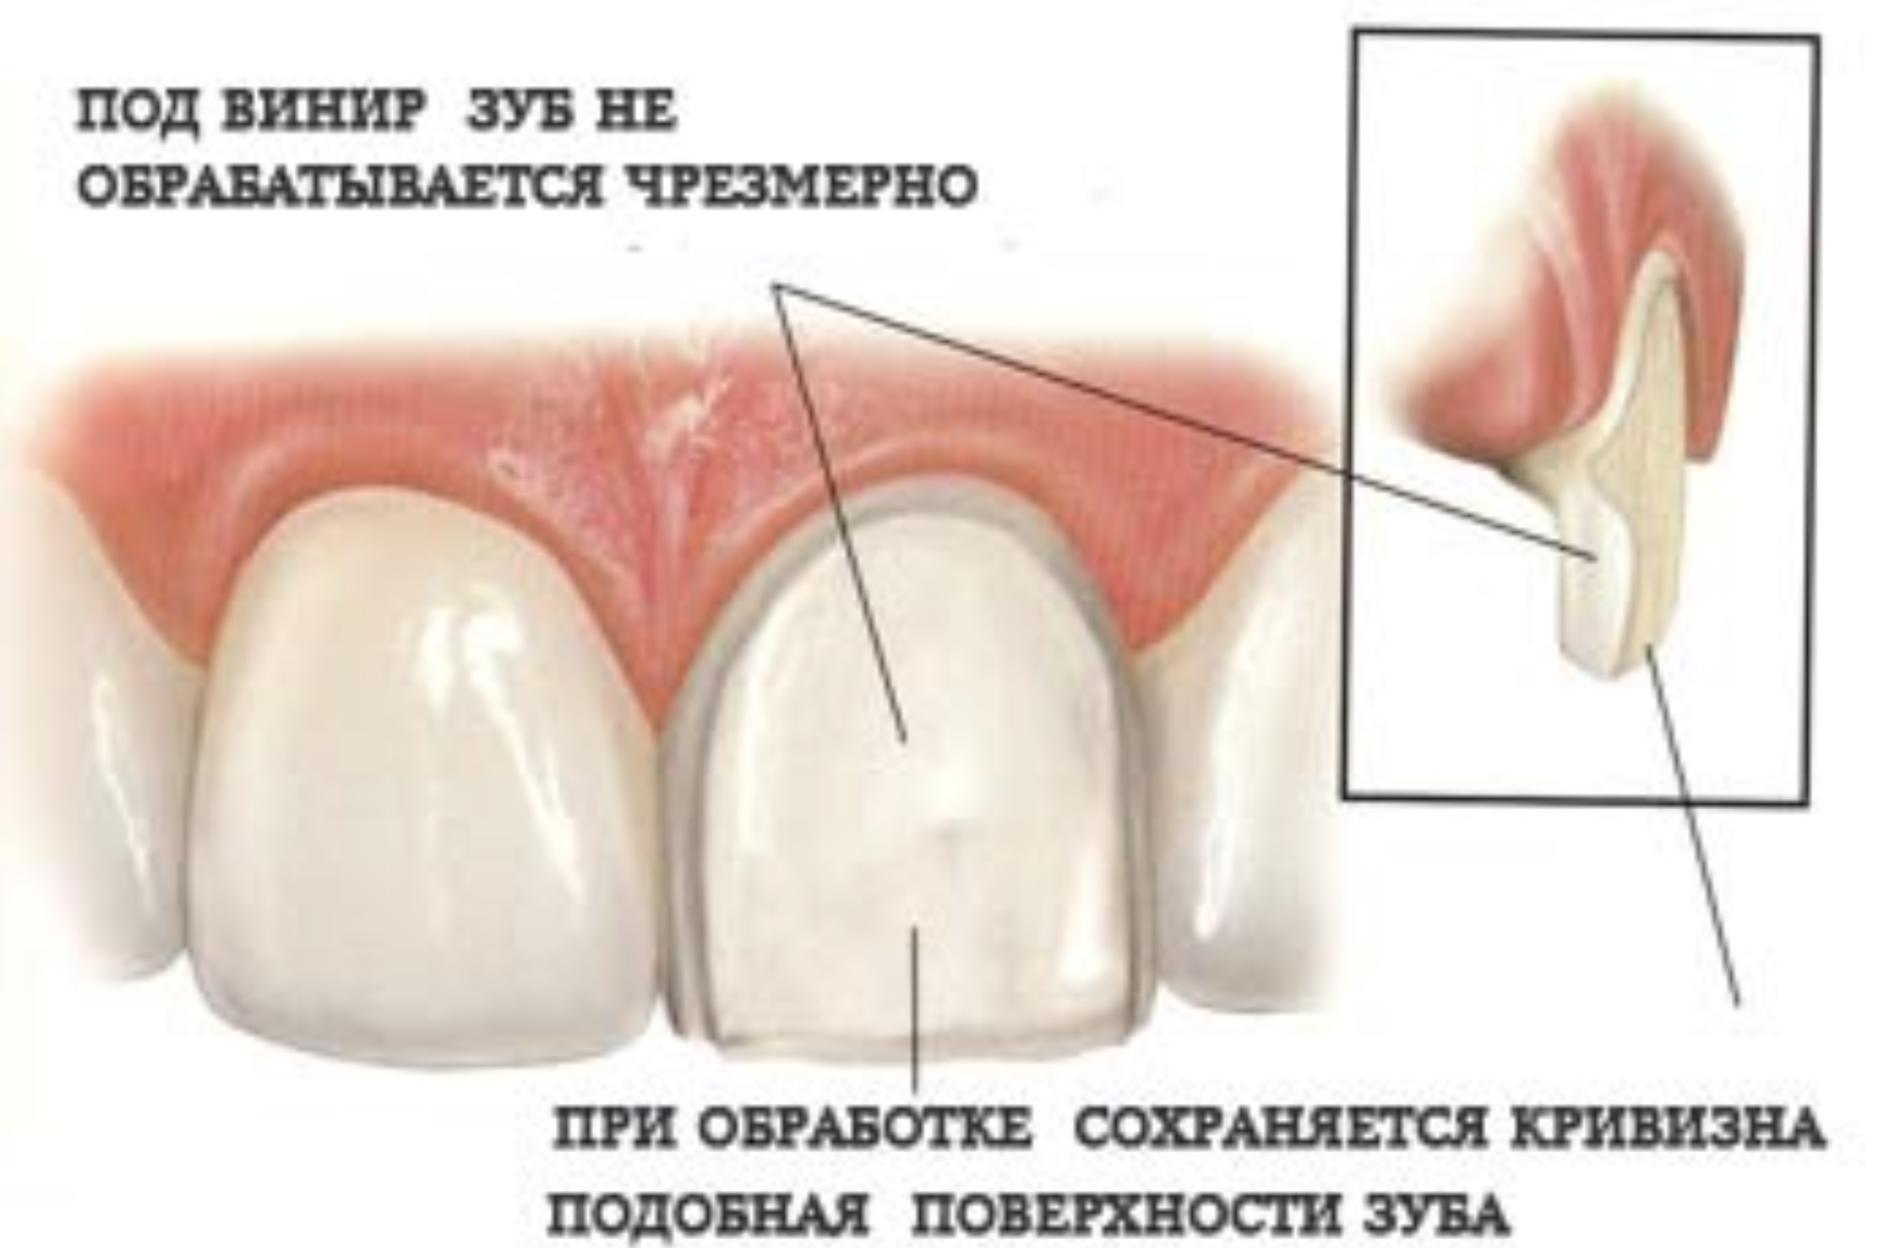 виниры на зубы в краснодаре цена